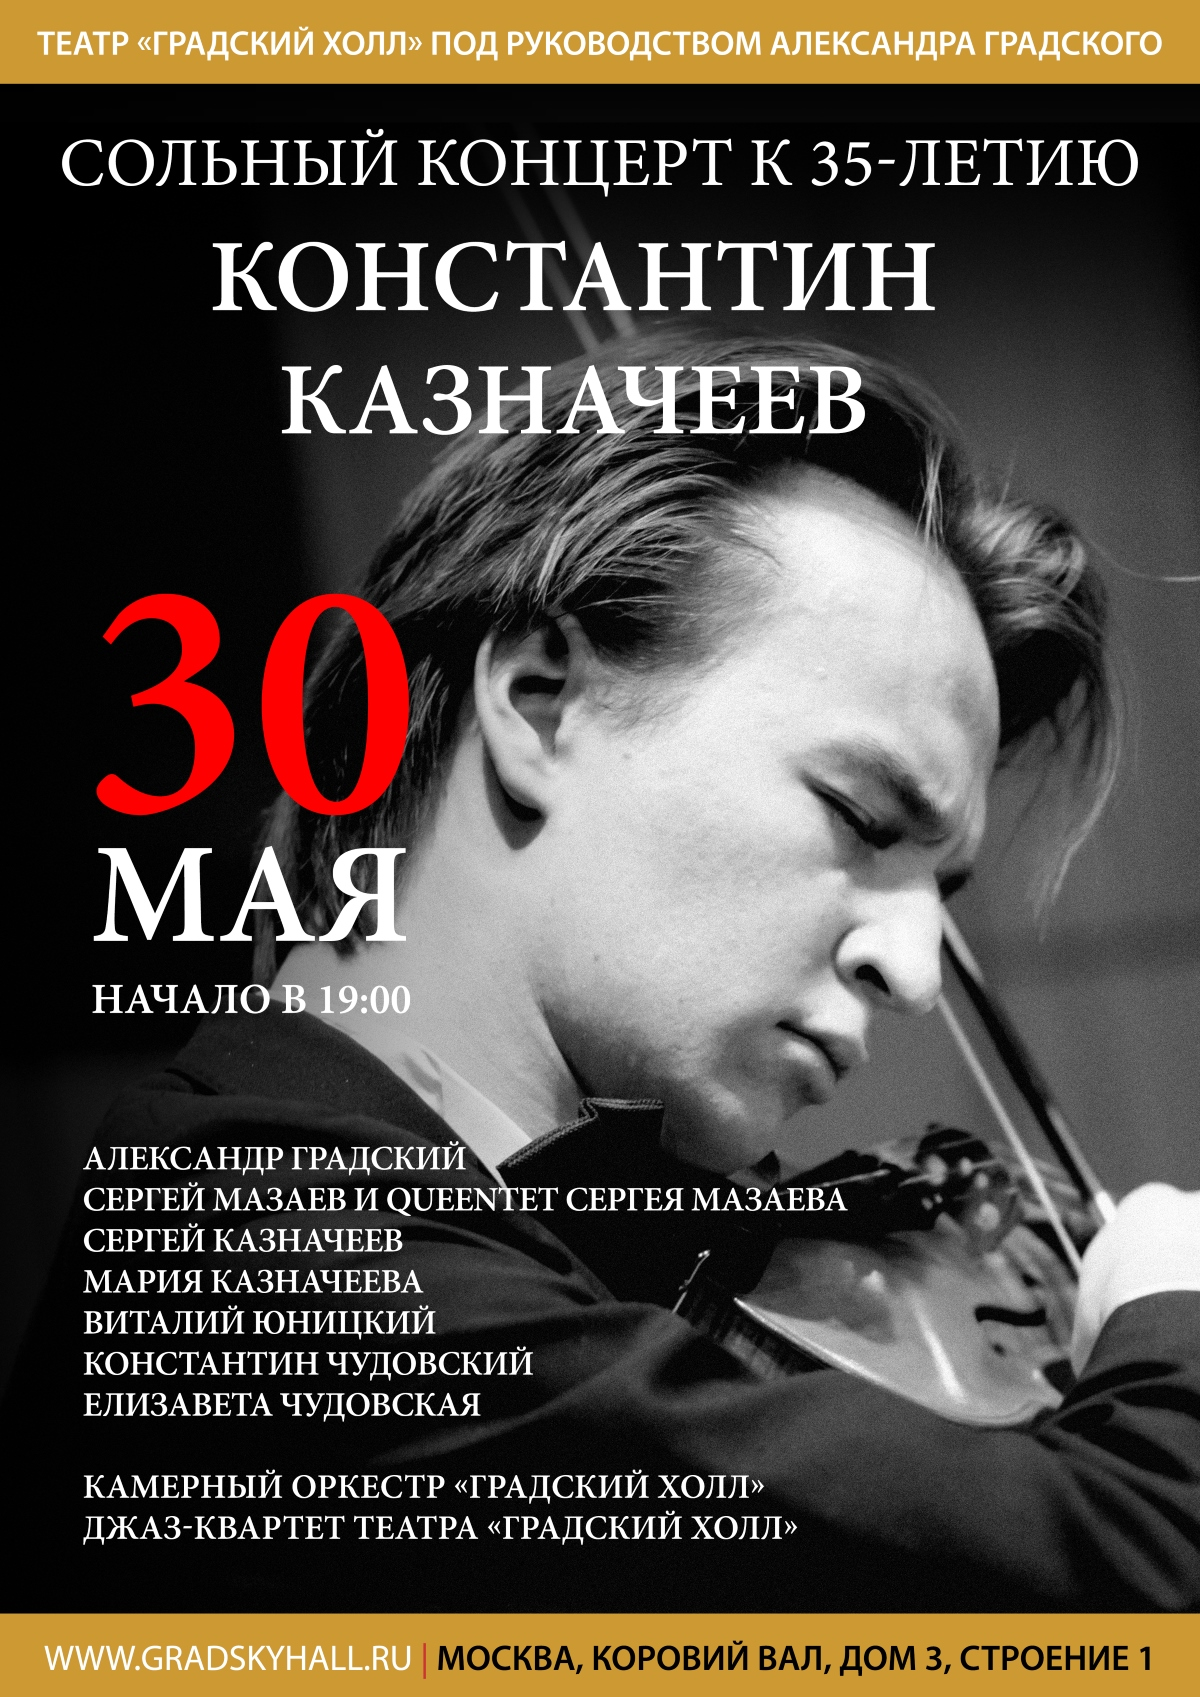 Константин КАЗНАЧЕЕВ. Сольный концерт к 35-летию